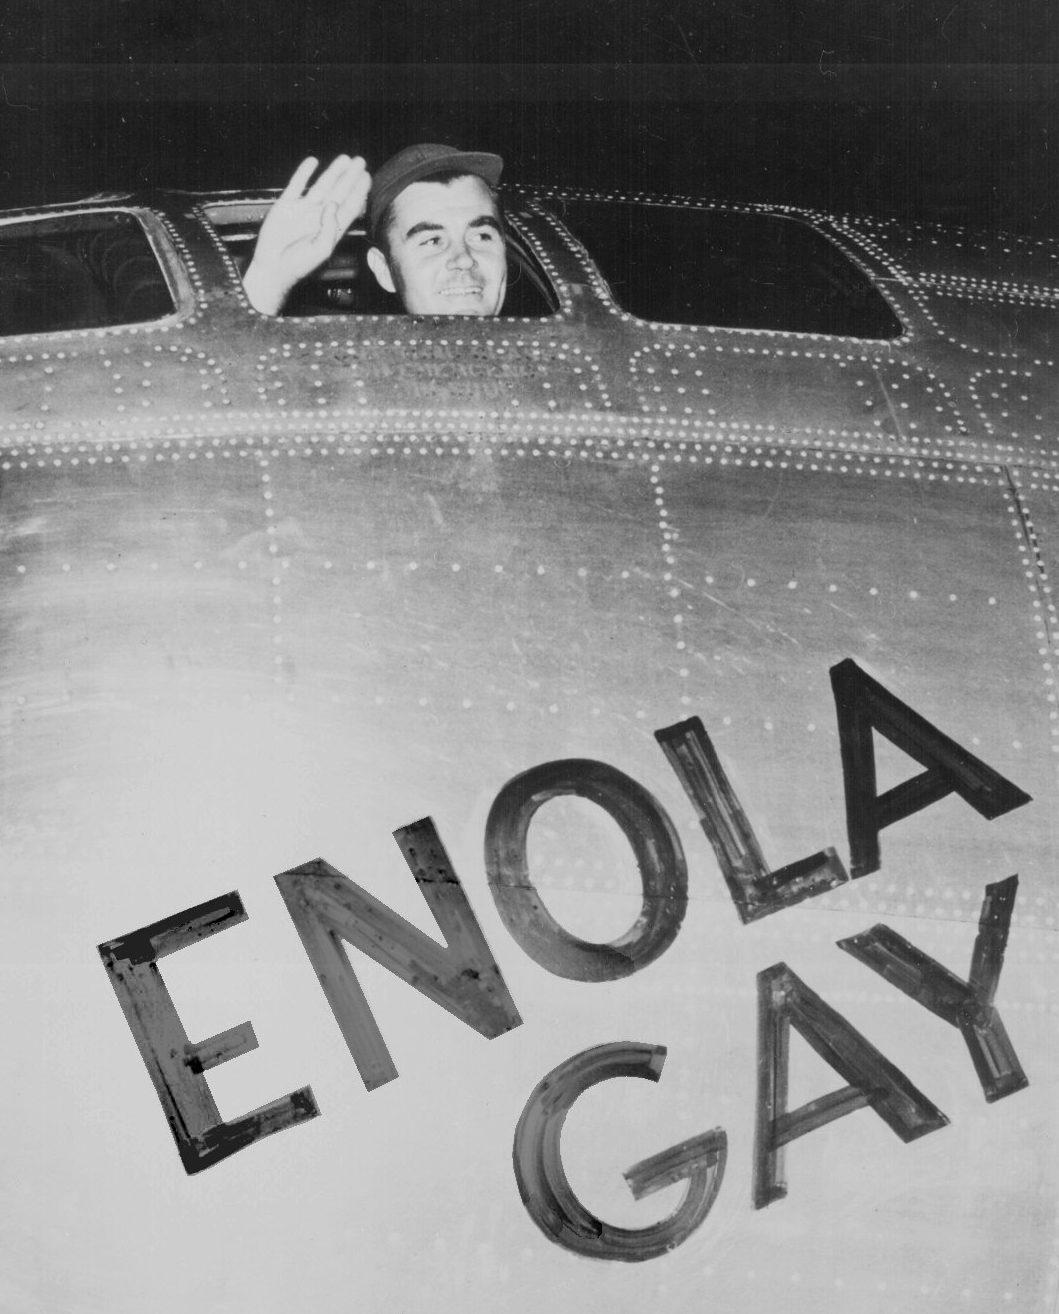 Пол Тиббетс машет рукой из кабины перед полётом на бомбардировку Хиросимы. 6 августа 1945 г.